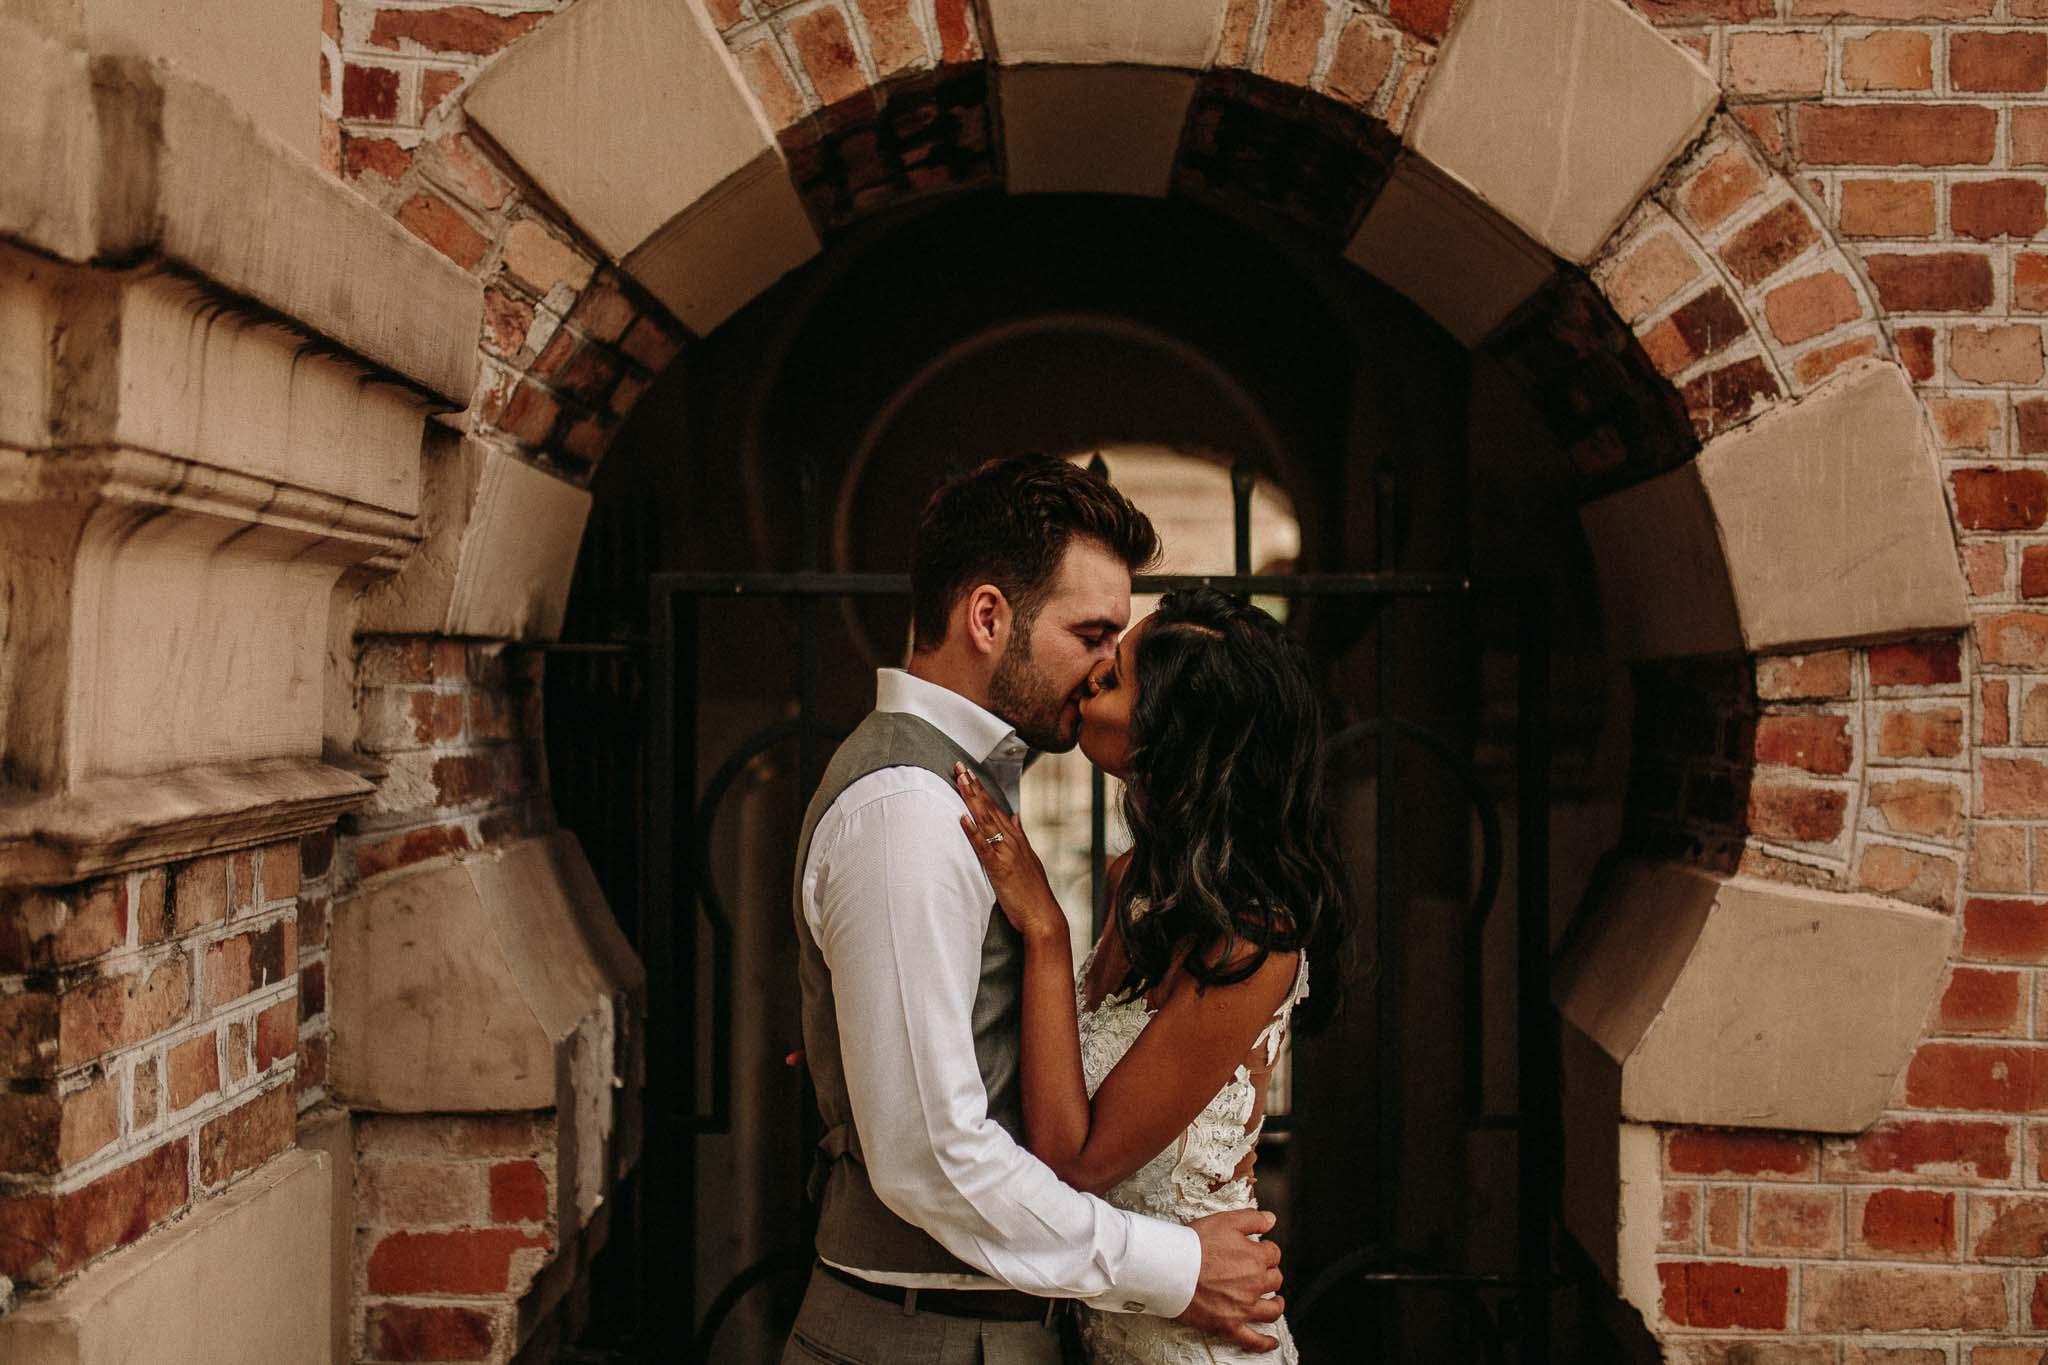 u&m-weddingsbyqay-lovesession-destinationweddingphotographer (155 of 160).jpg